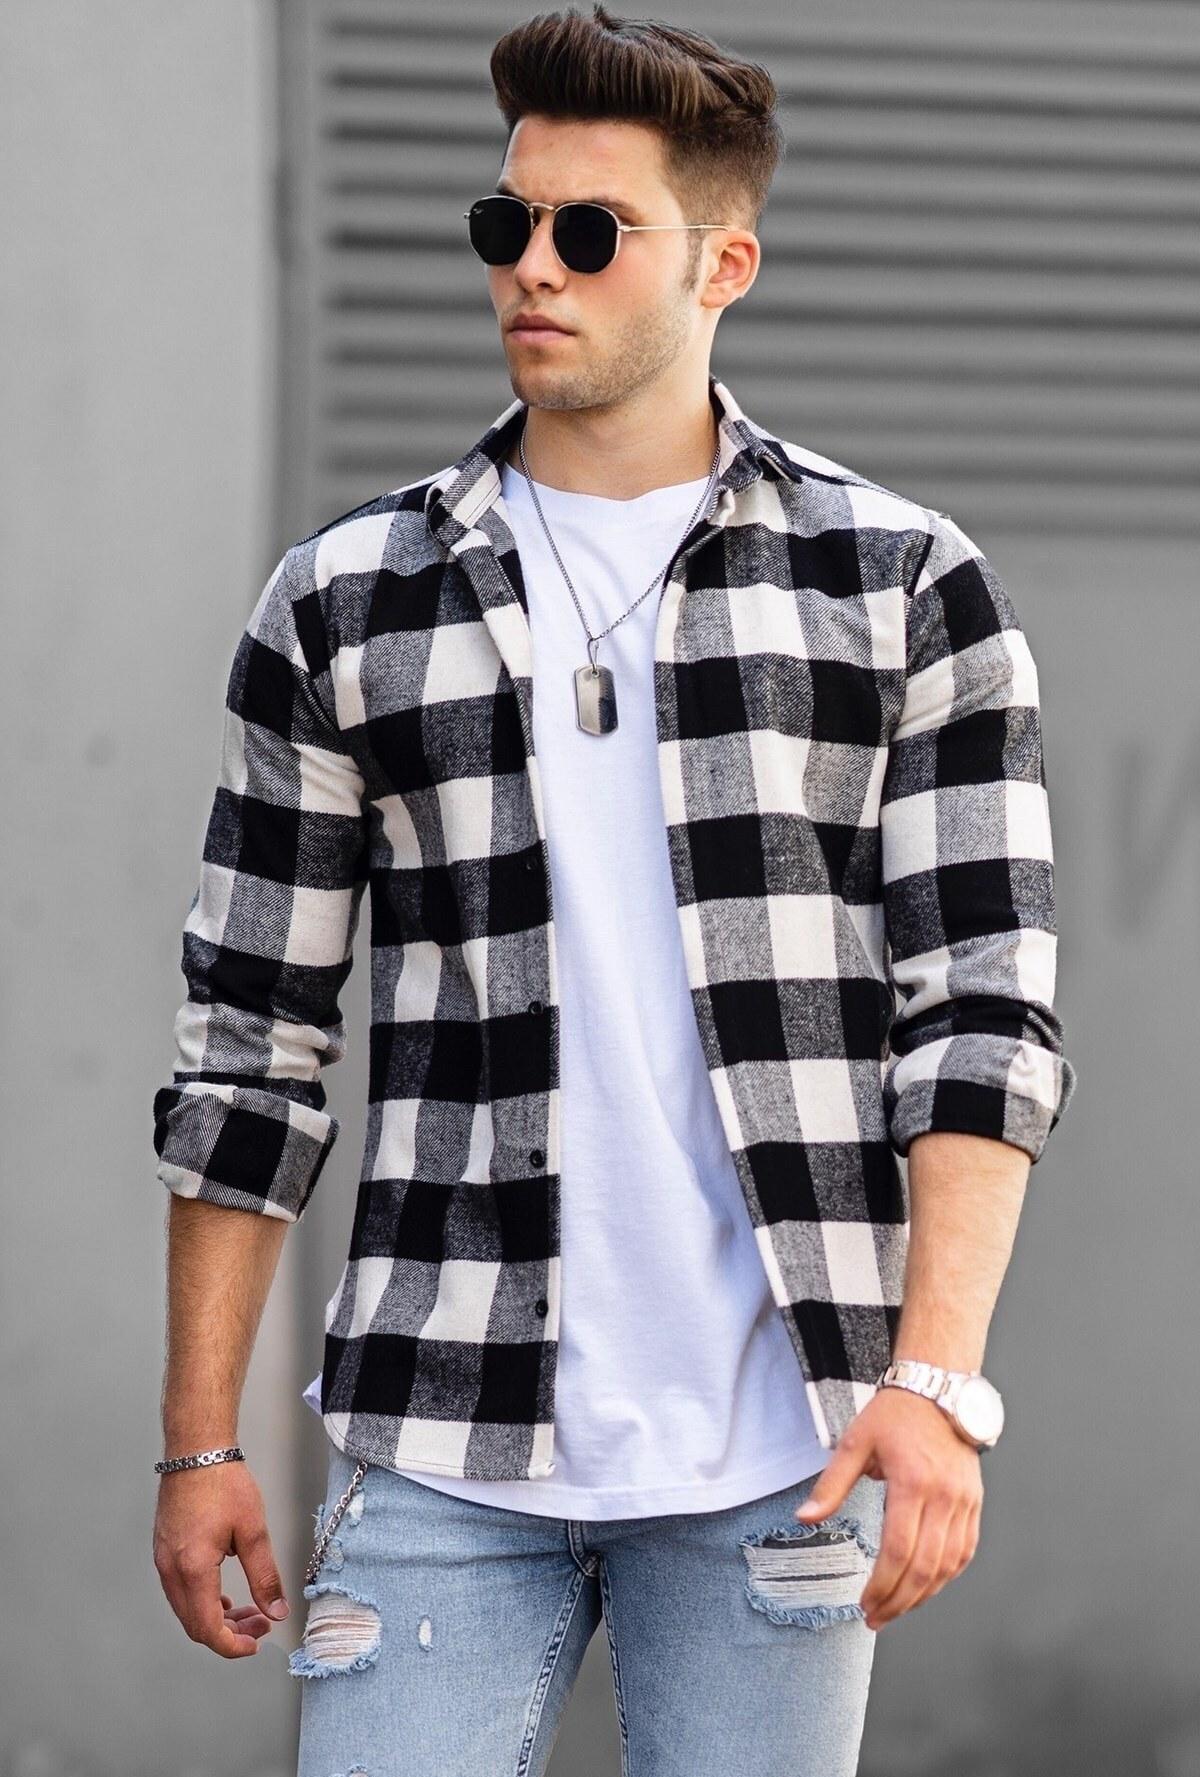 تصویر پیراهن مردانه چهارخونه سفید برند Madmext کد 1621793044